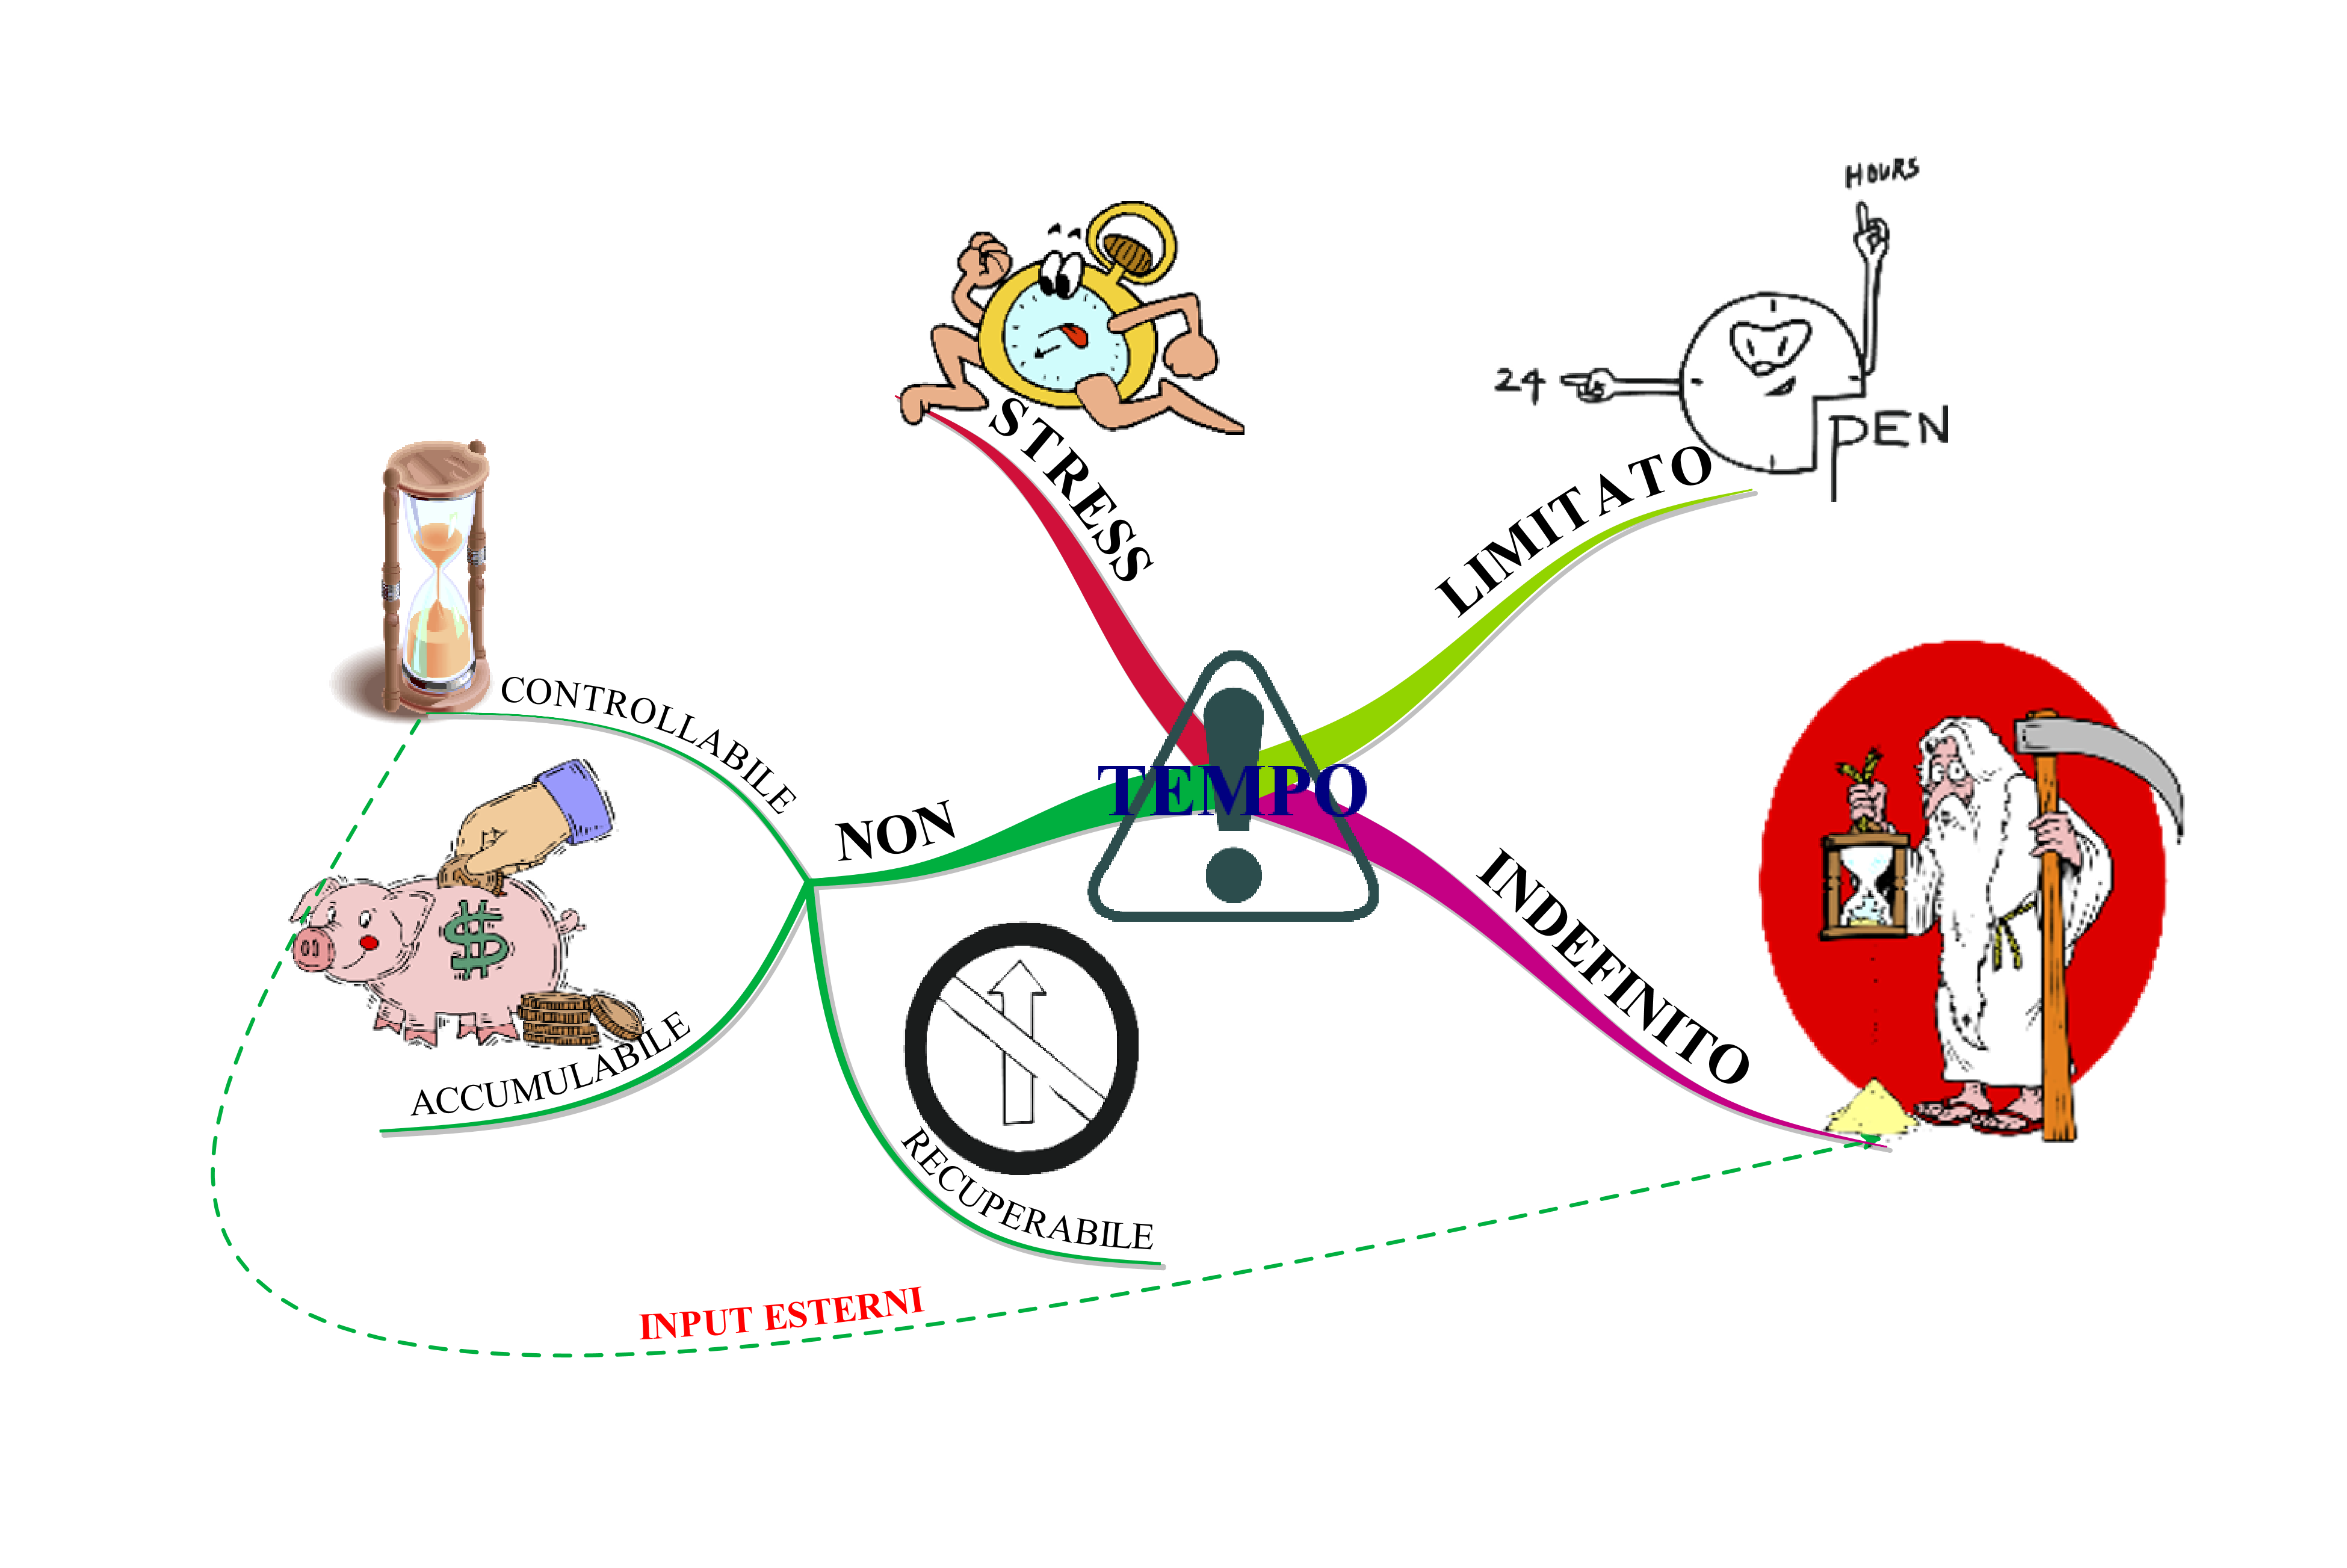 Mappe Mentali: Perchè il TEMPO è importante